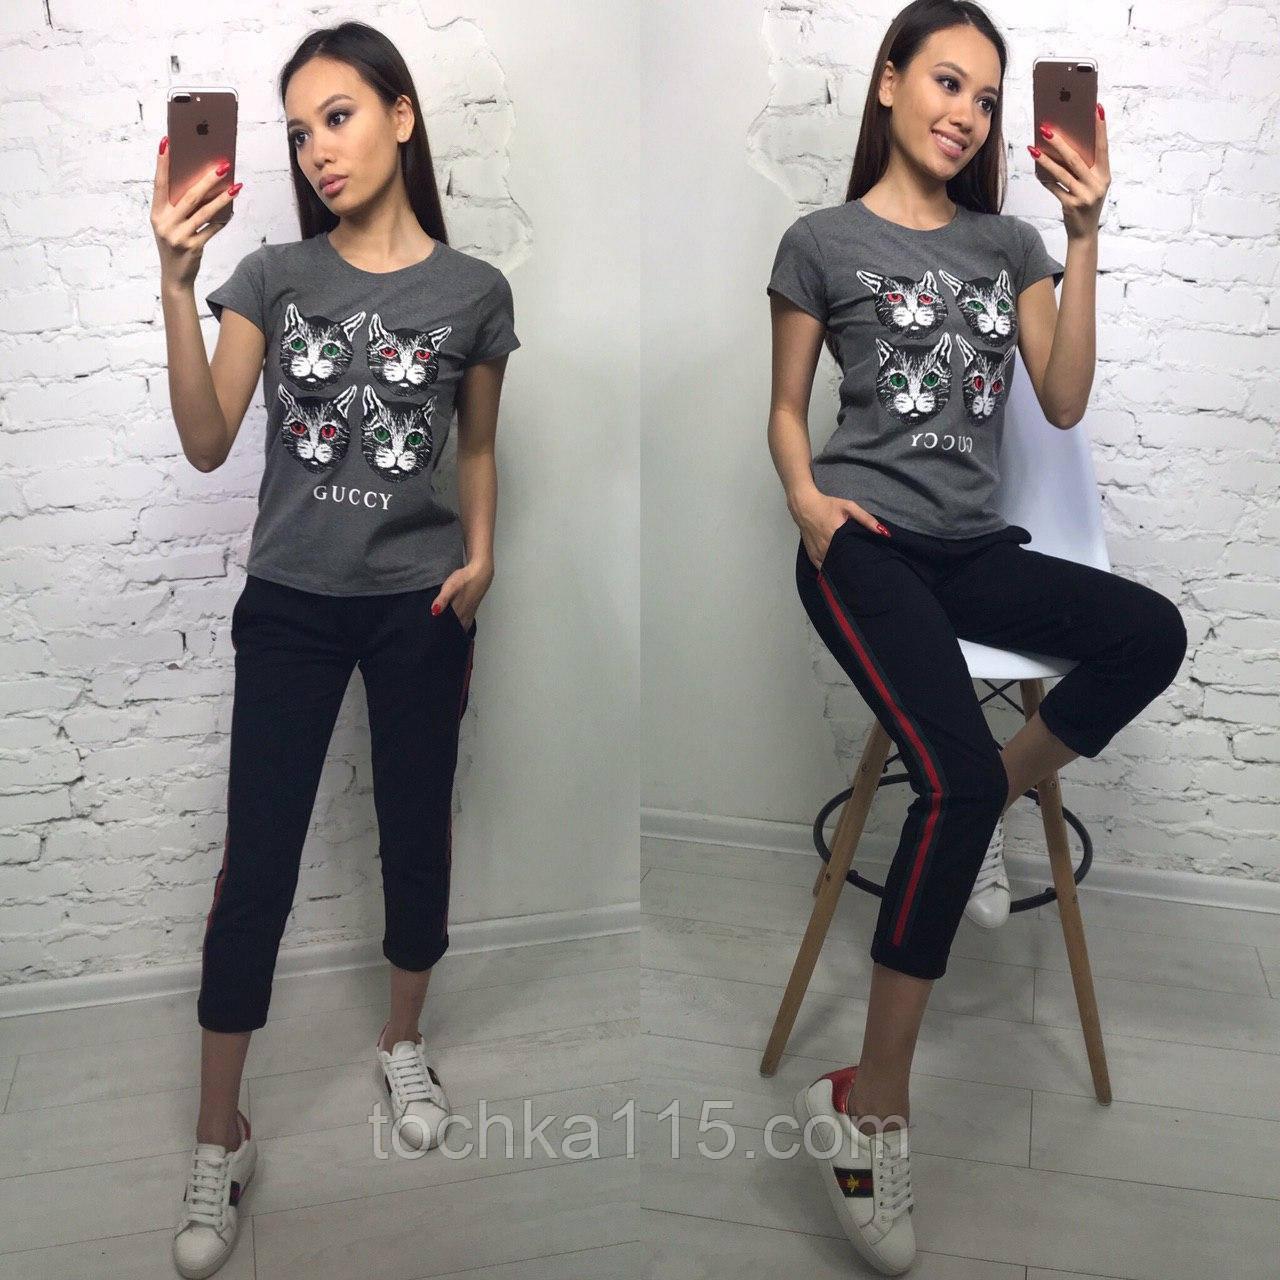 Стильная женская футболка на лето модный принт S/M/L/XL